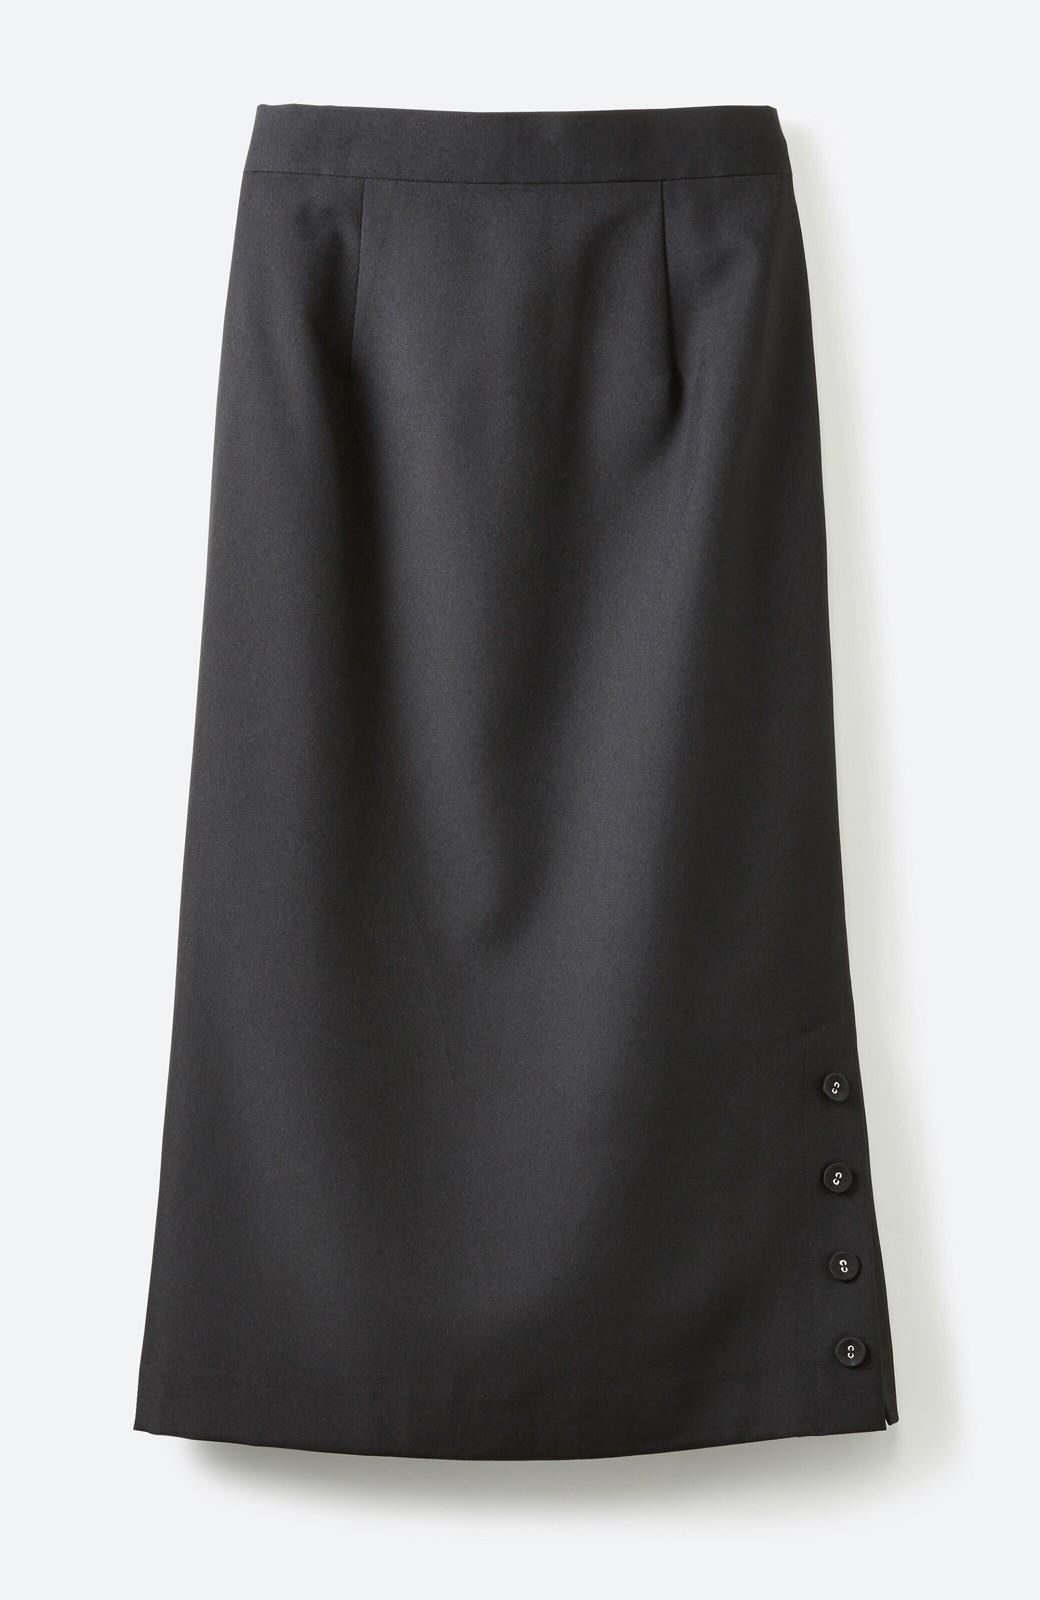 haco! 持っていると便利な野暮ったくならないフォーマルジャケット・パンツ・スカートの3点セット <ブラック>の商品写真3